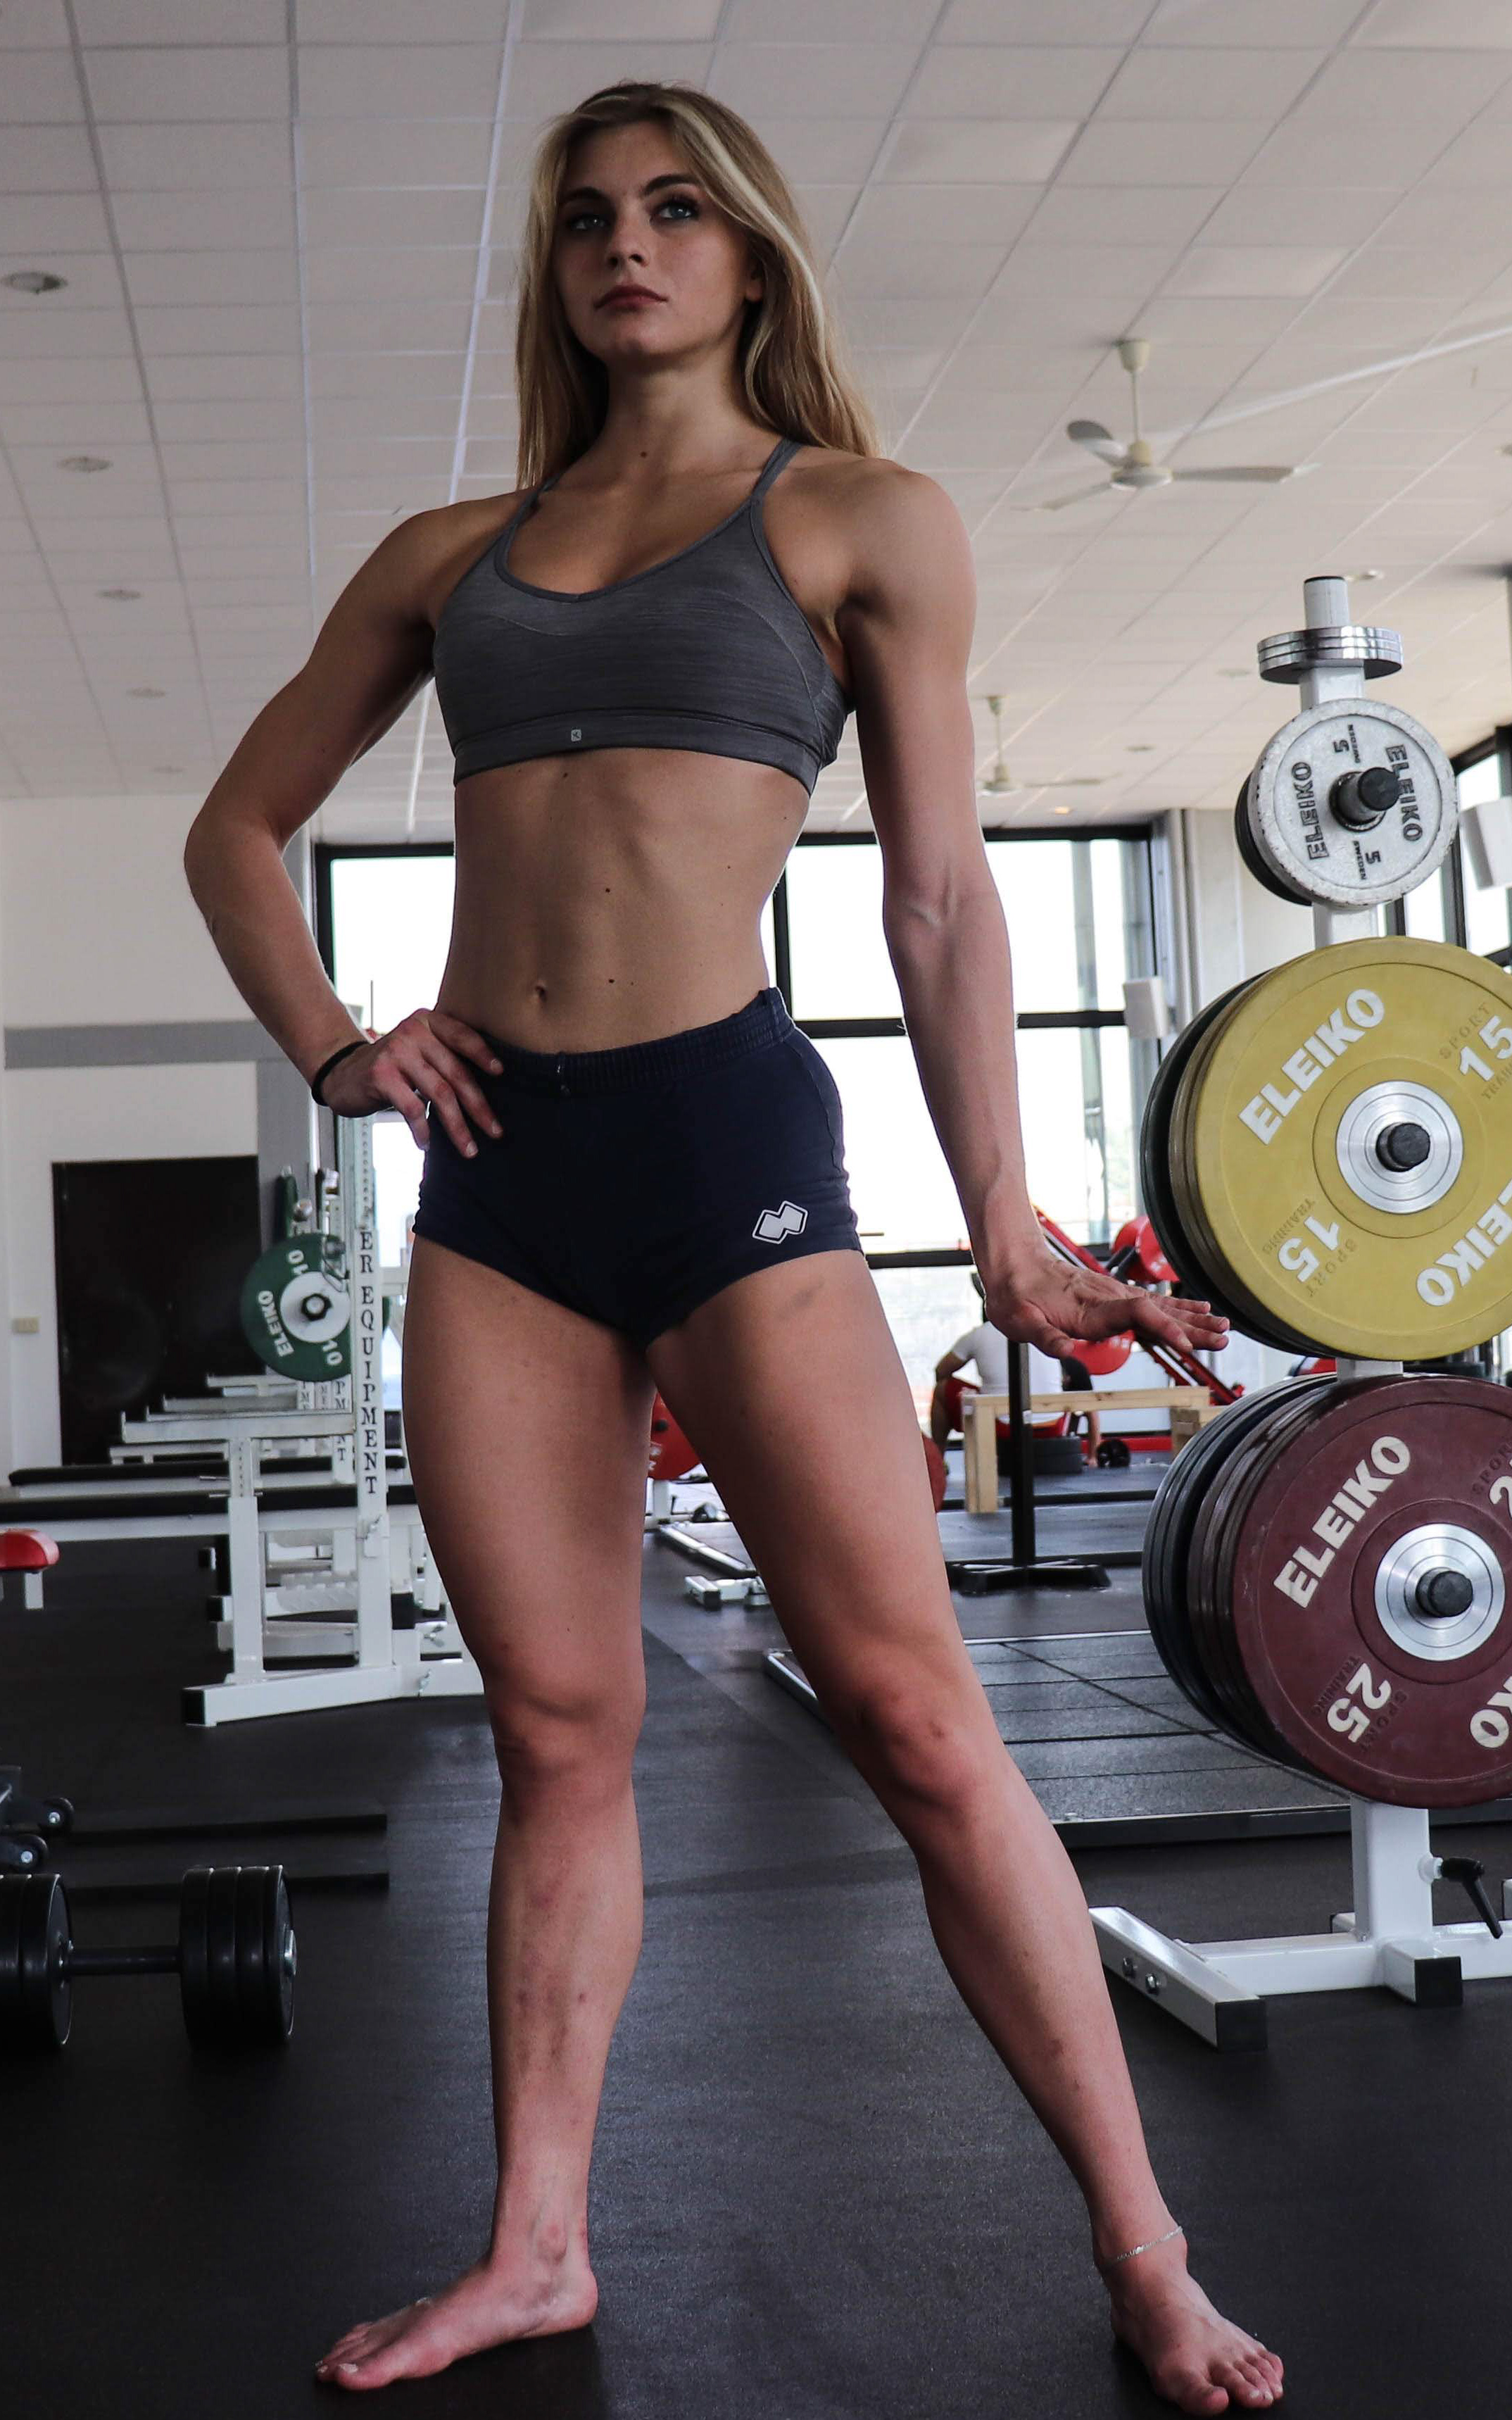 ipertrofia Alessia, atleta bikini